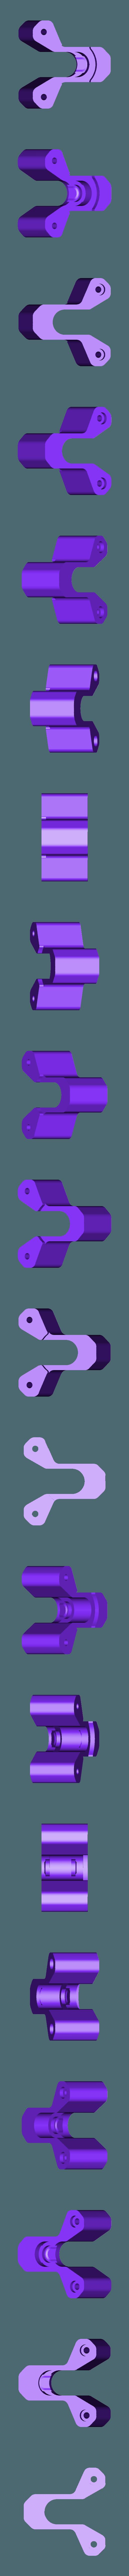 Gearhead_v2-0_100.STL Télécharger fichier STL gratuit Montage de l'extrudeuse (Printrbot Gear Head) • Plan à imprimer en 3D, WalterHsiao